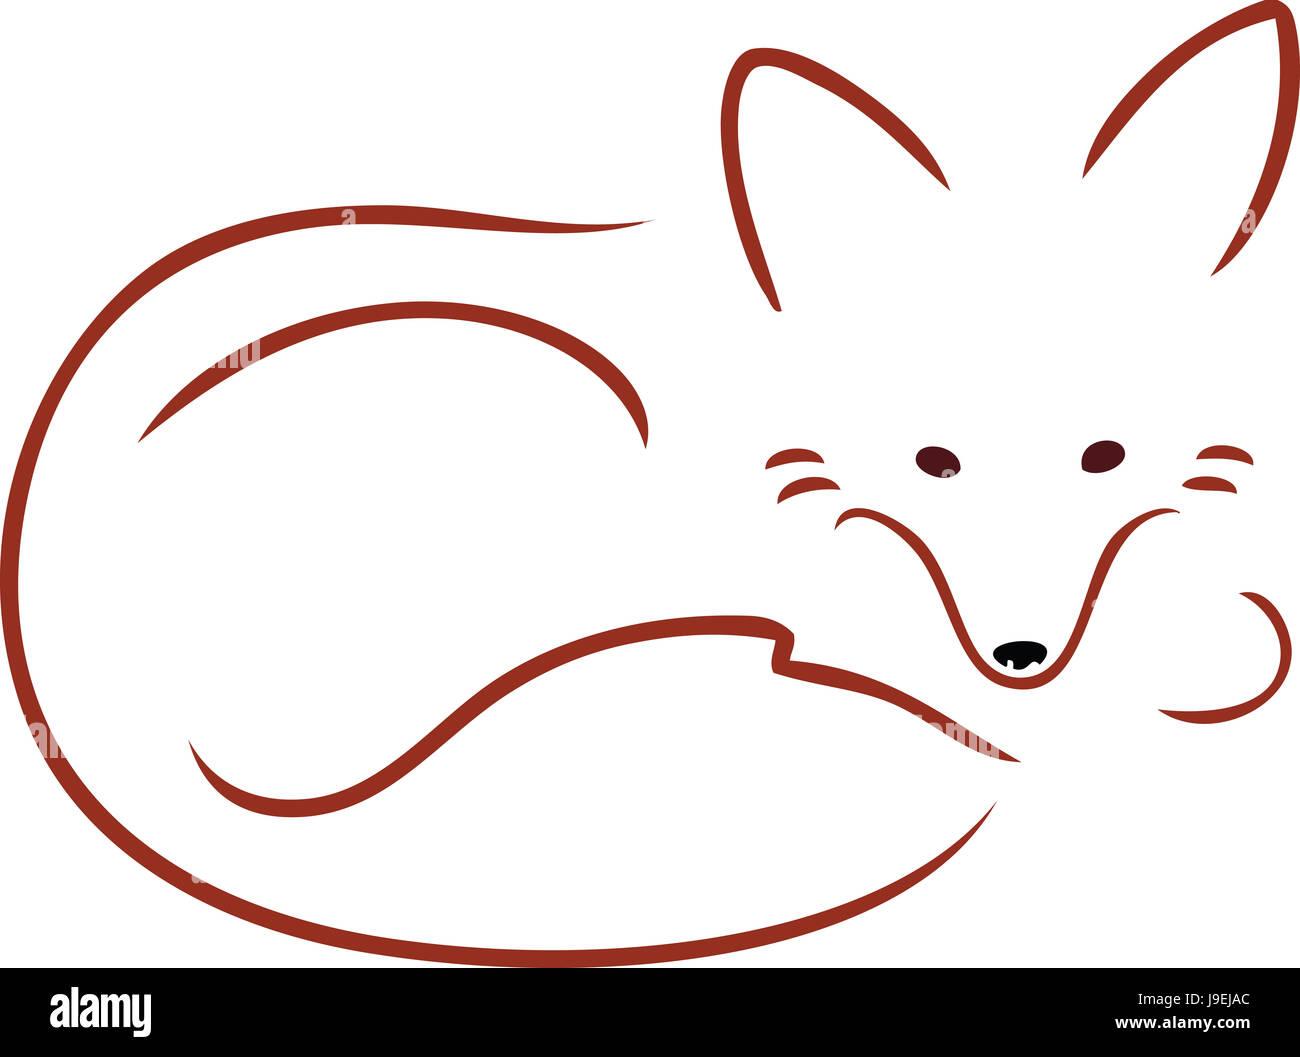 hunter, creature, predator, fox, maddening, pert, coquettish, cute, red, - Stock Image